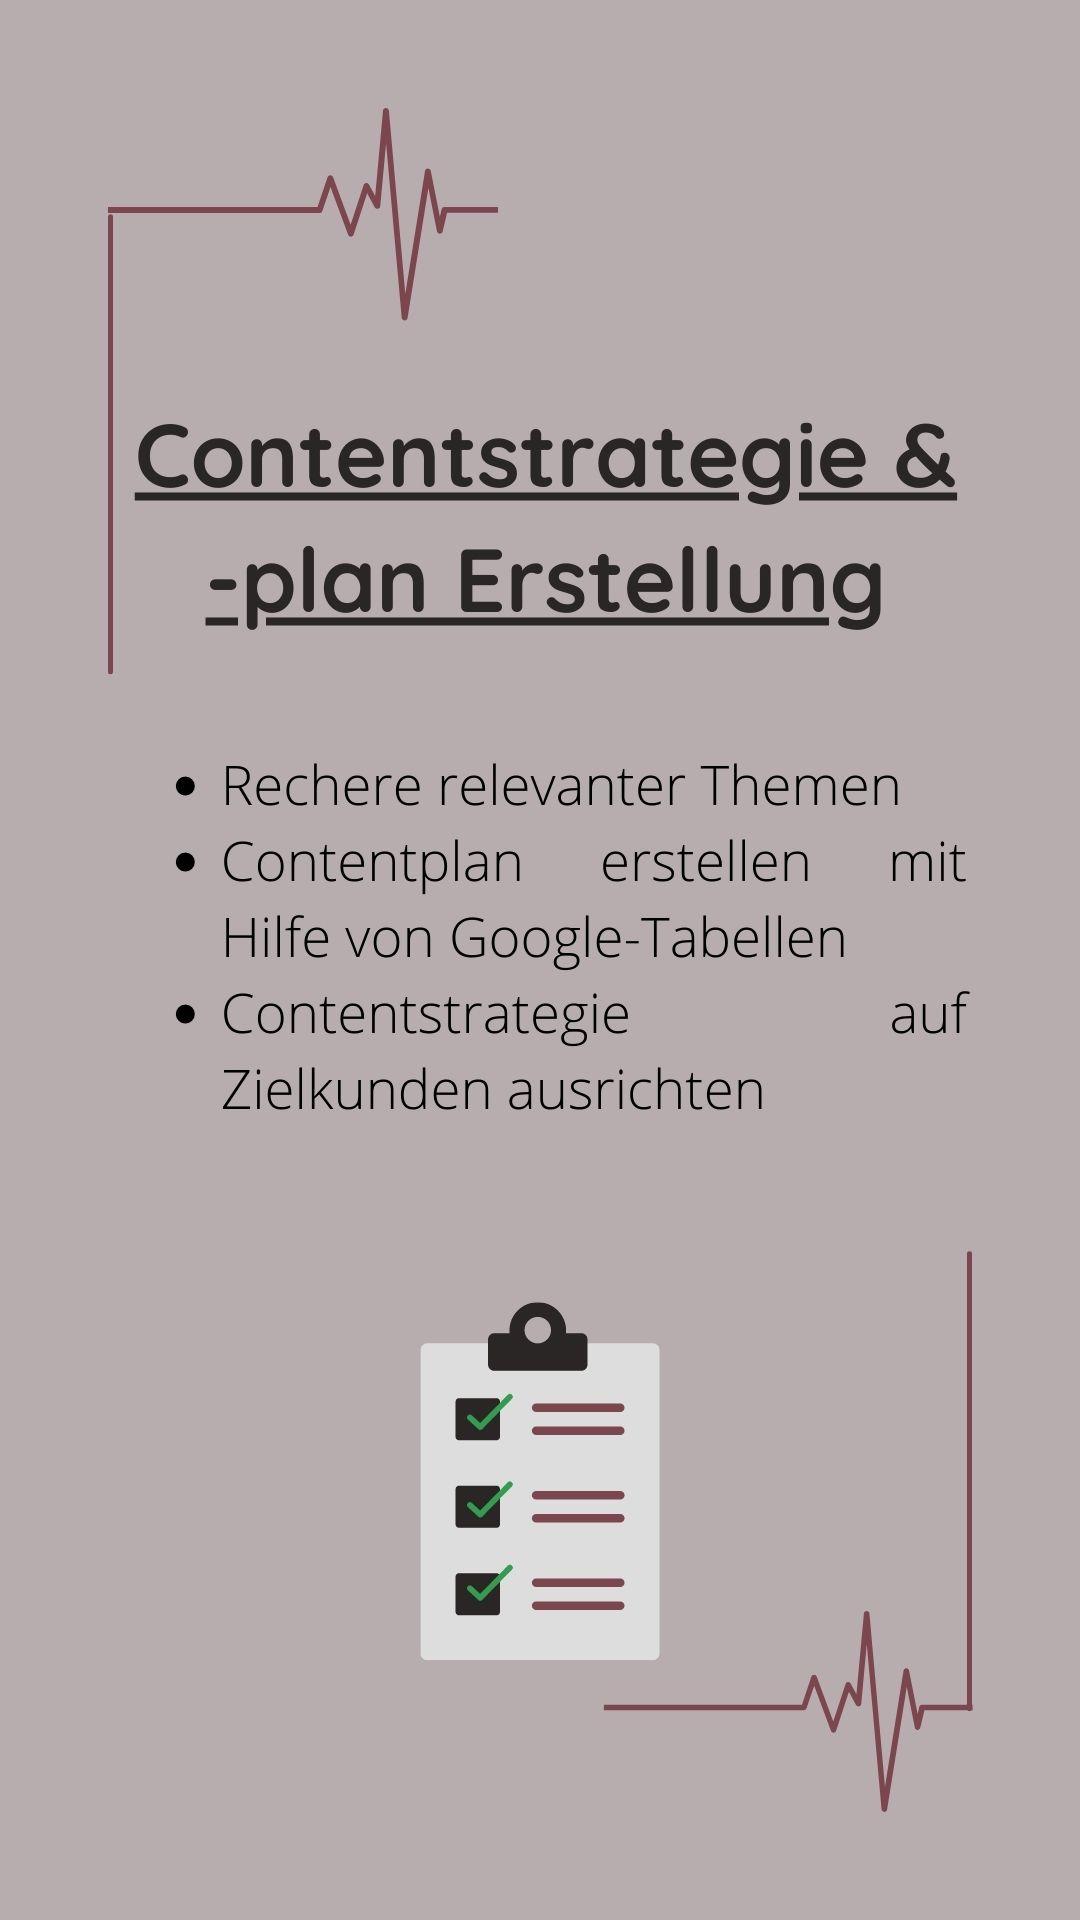 Contentstrategie- und plan erstellung kristin